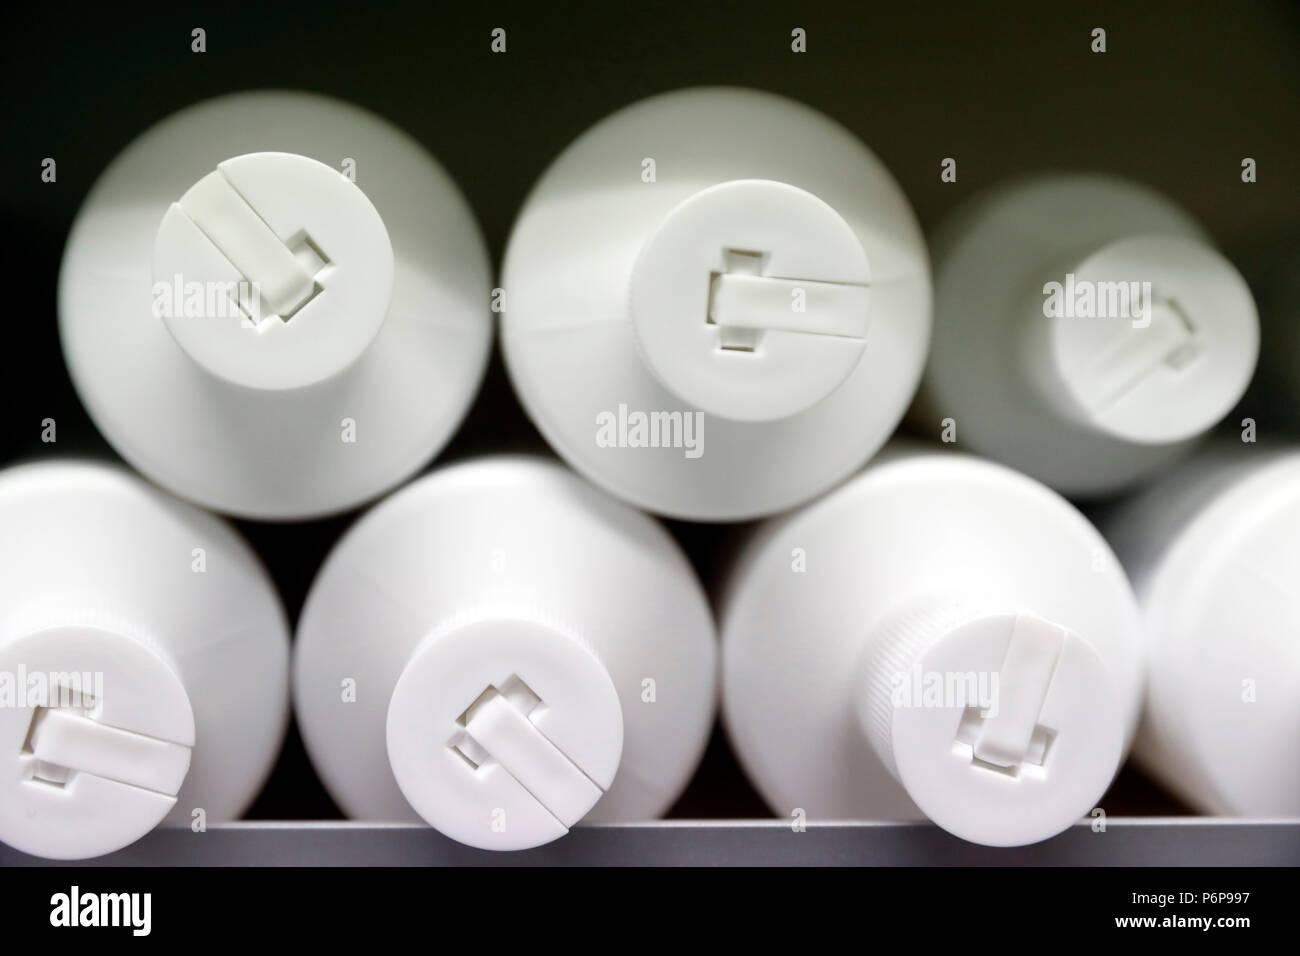 D'excellente réputation. Beaucoup de bouteilles en plastique. La France. Photo Stock